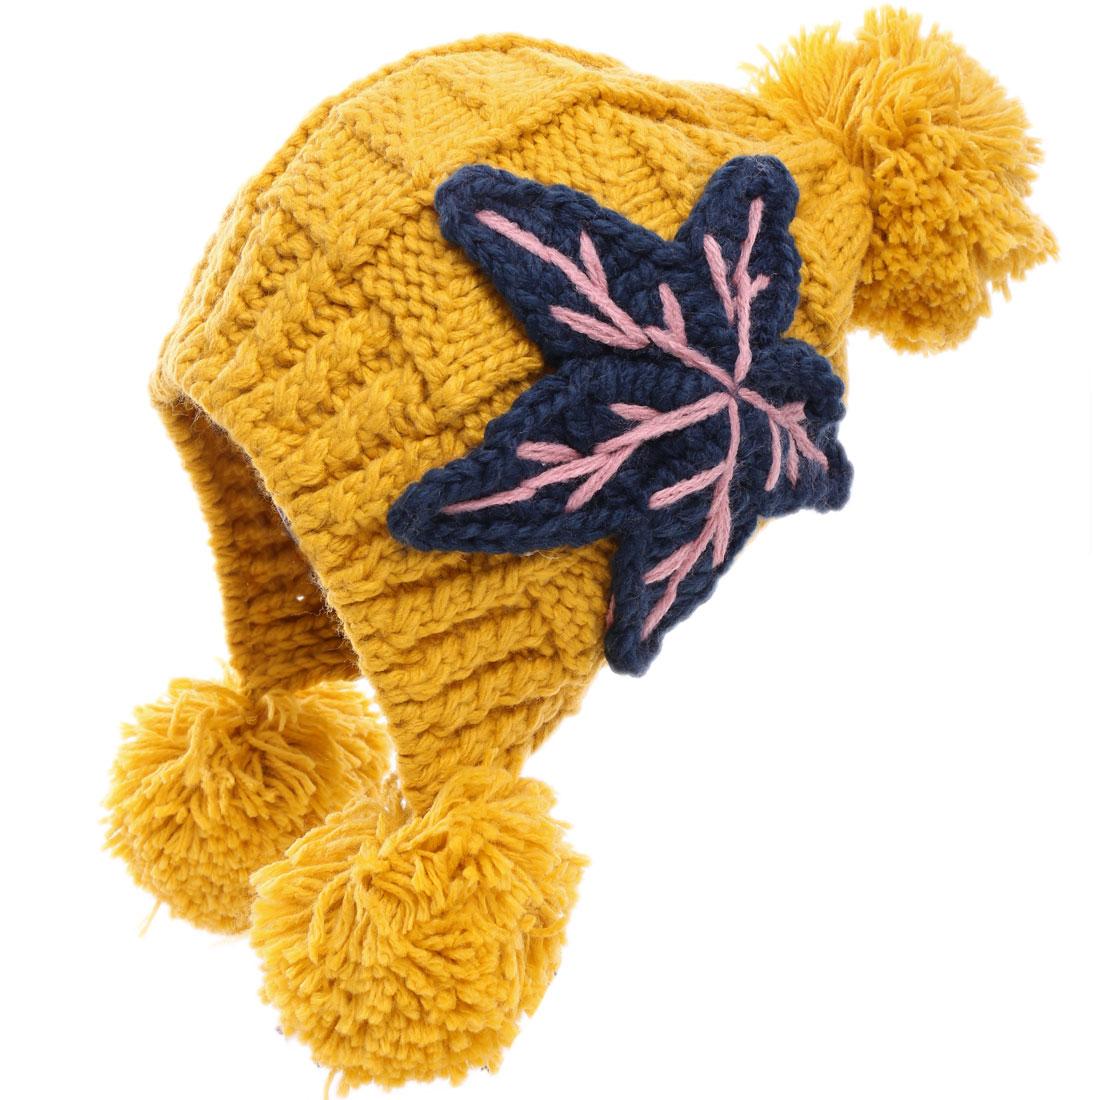 Stretchy 3 Pom Pom Knitting Beanie Hat for Women Yellow